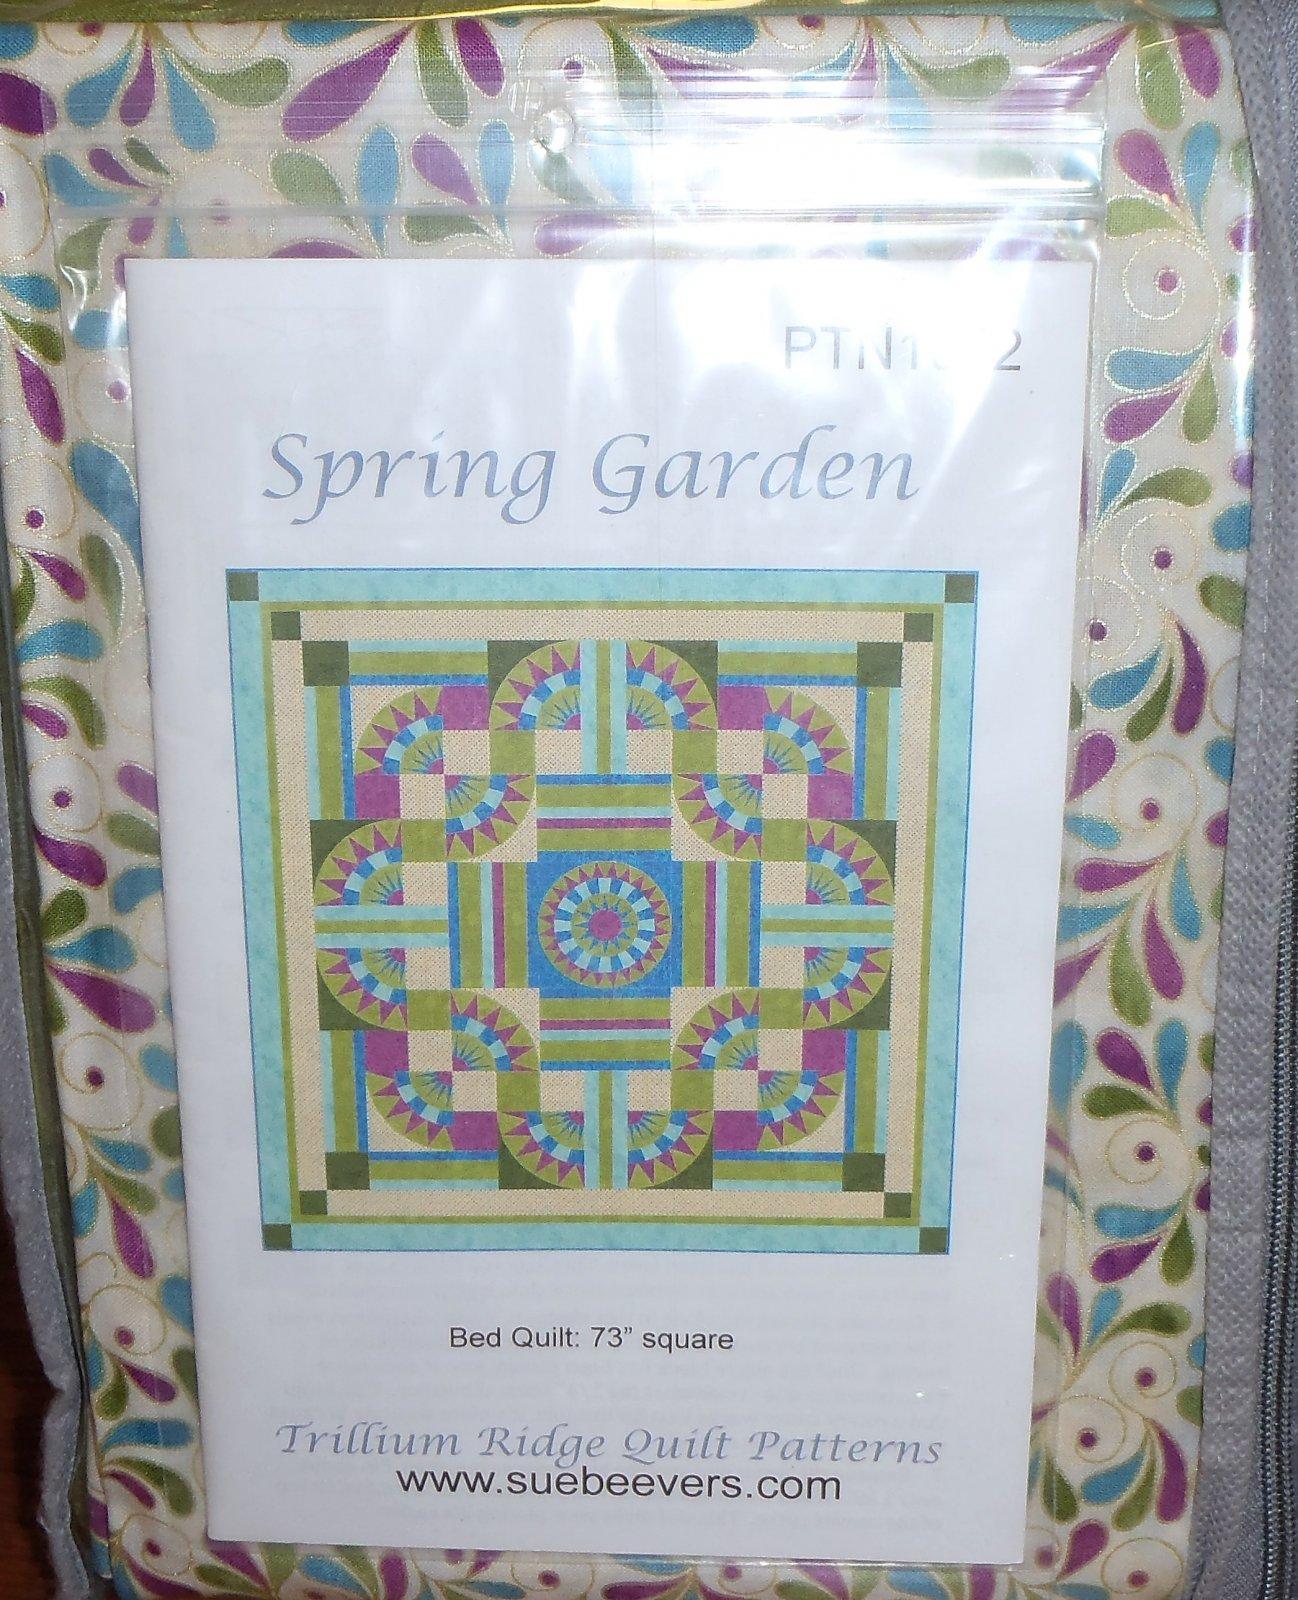 Spring Garden Quilt Kit